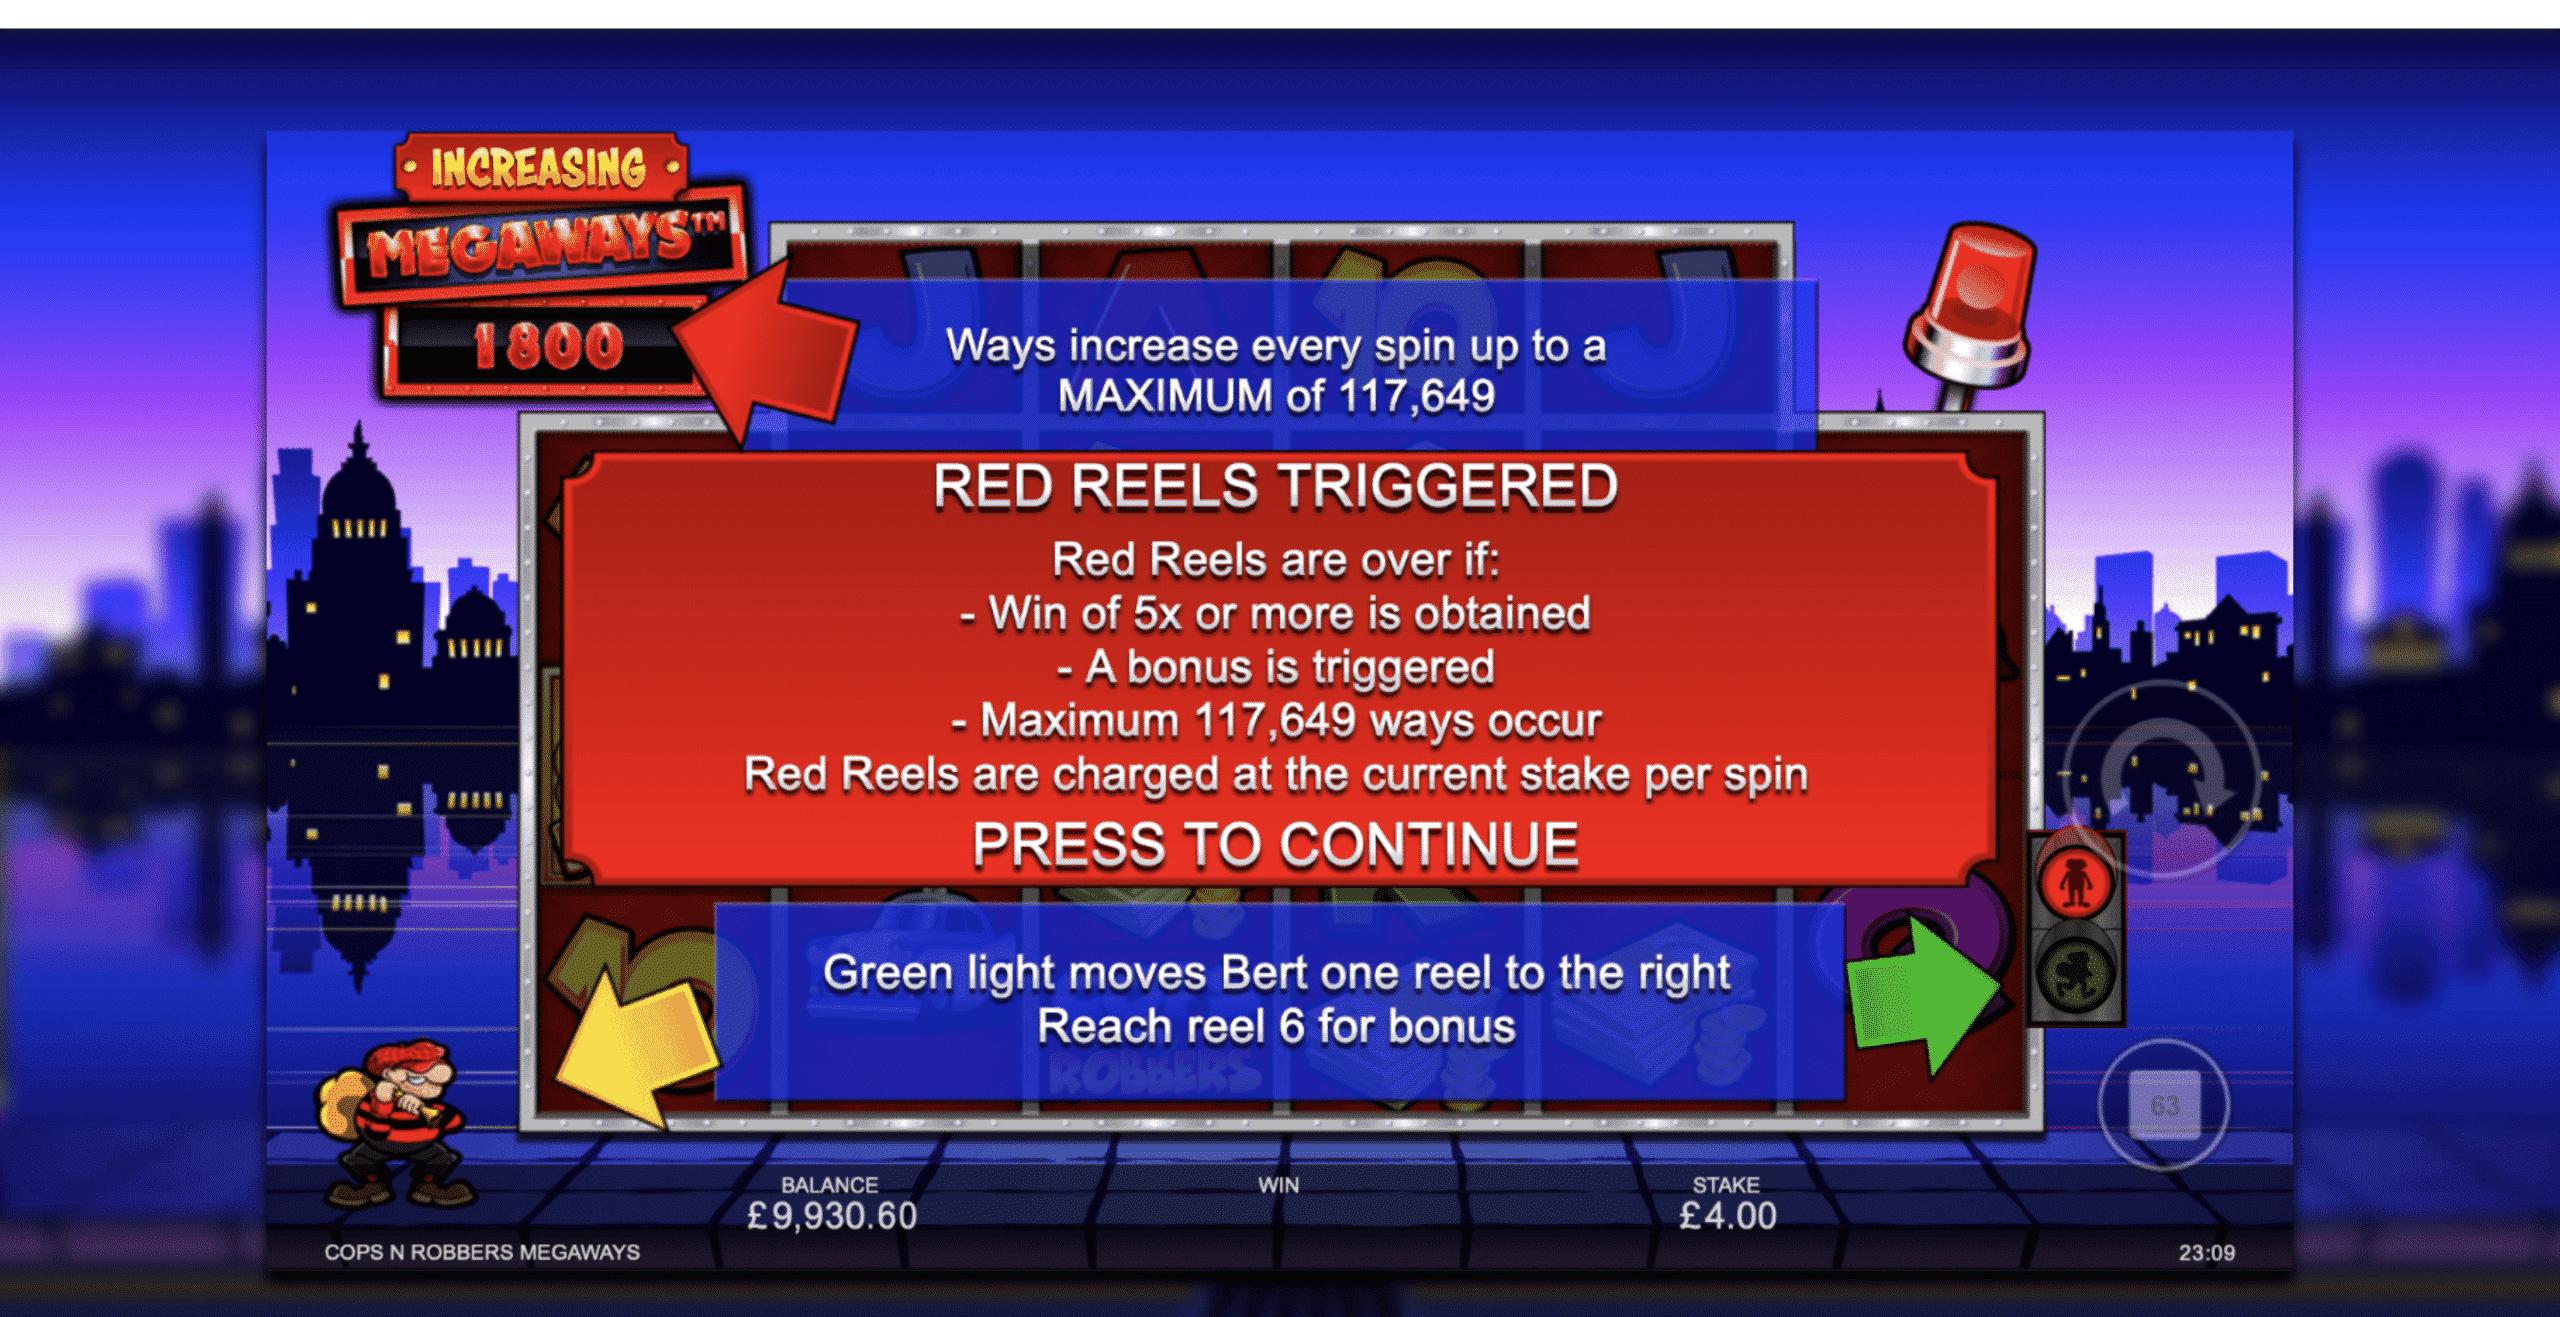 Cops 'n' Robbers Megaways Red Reels